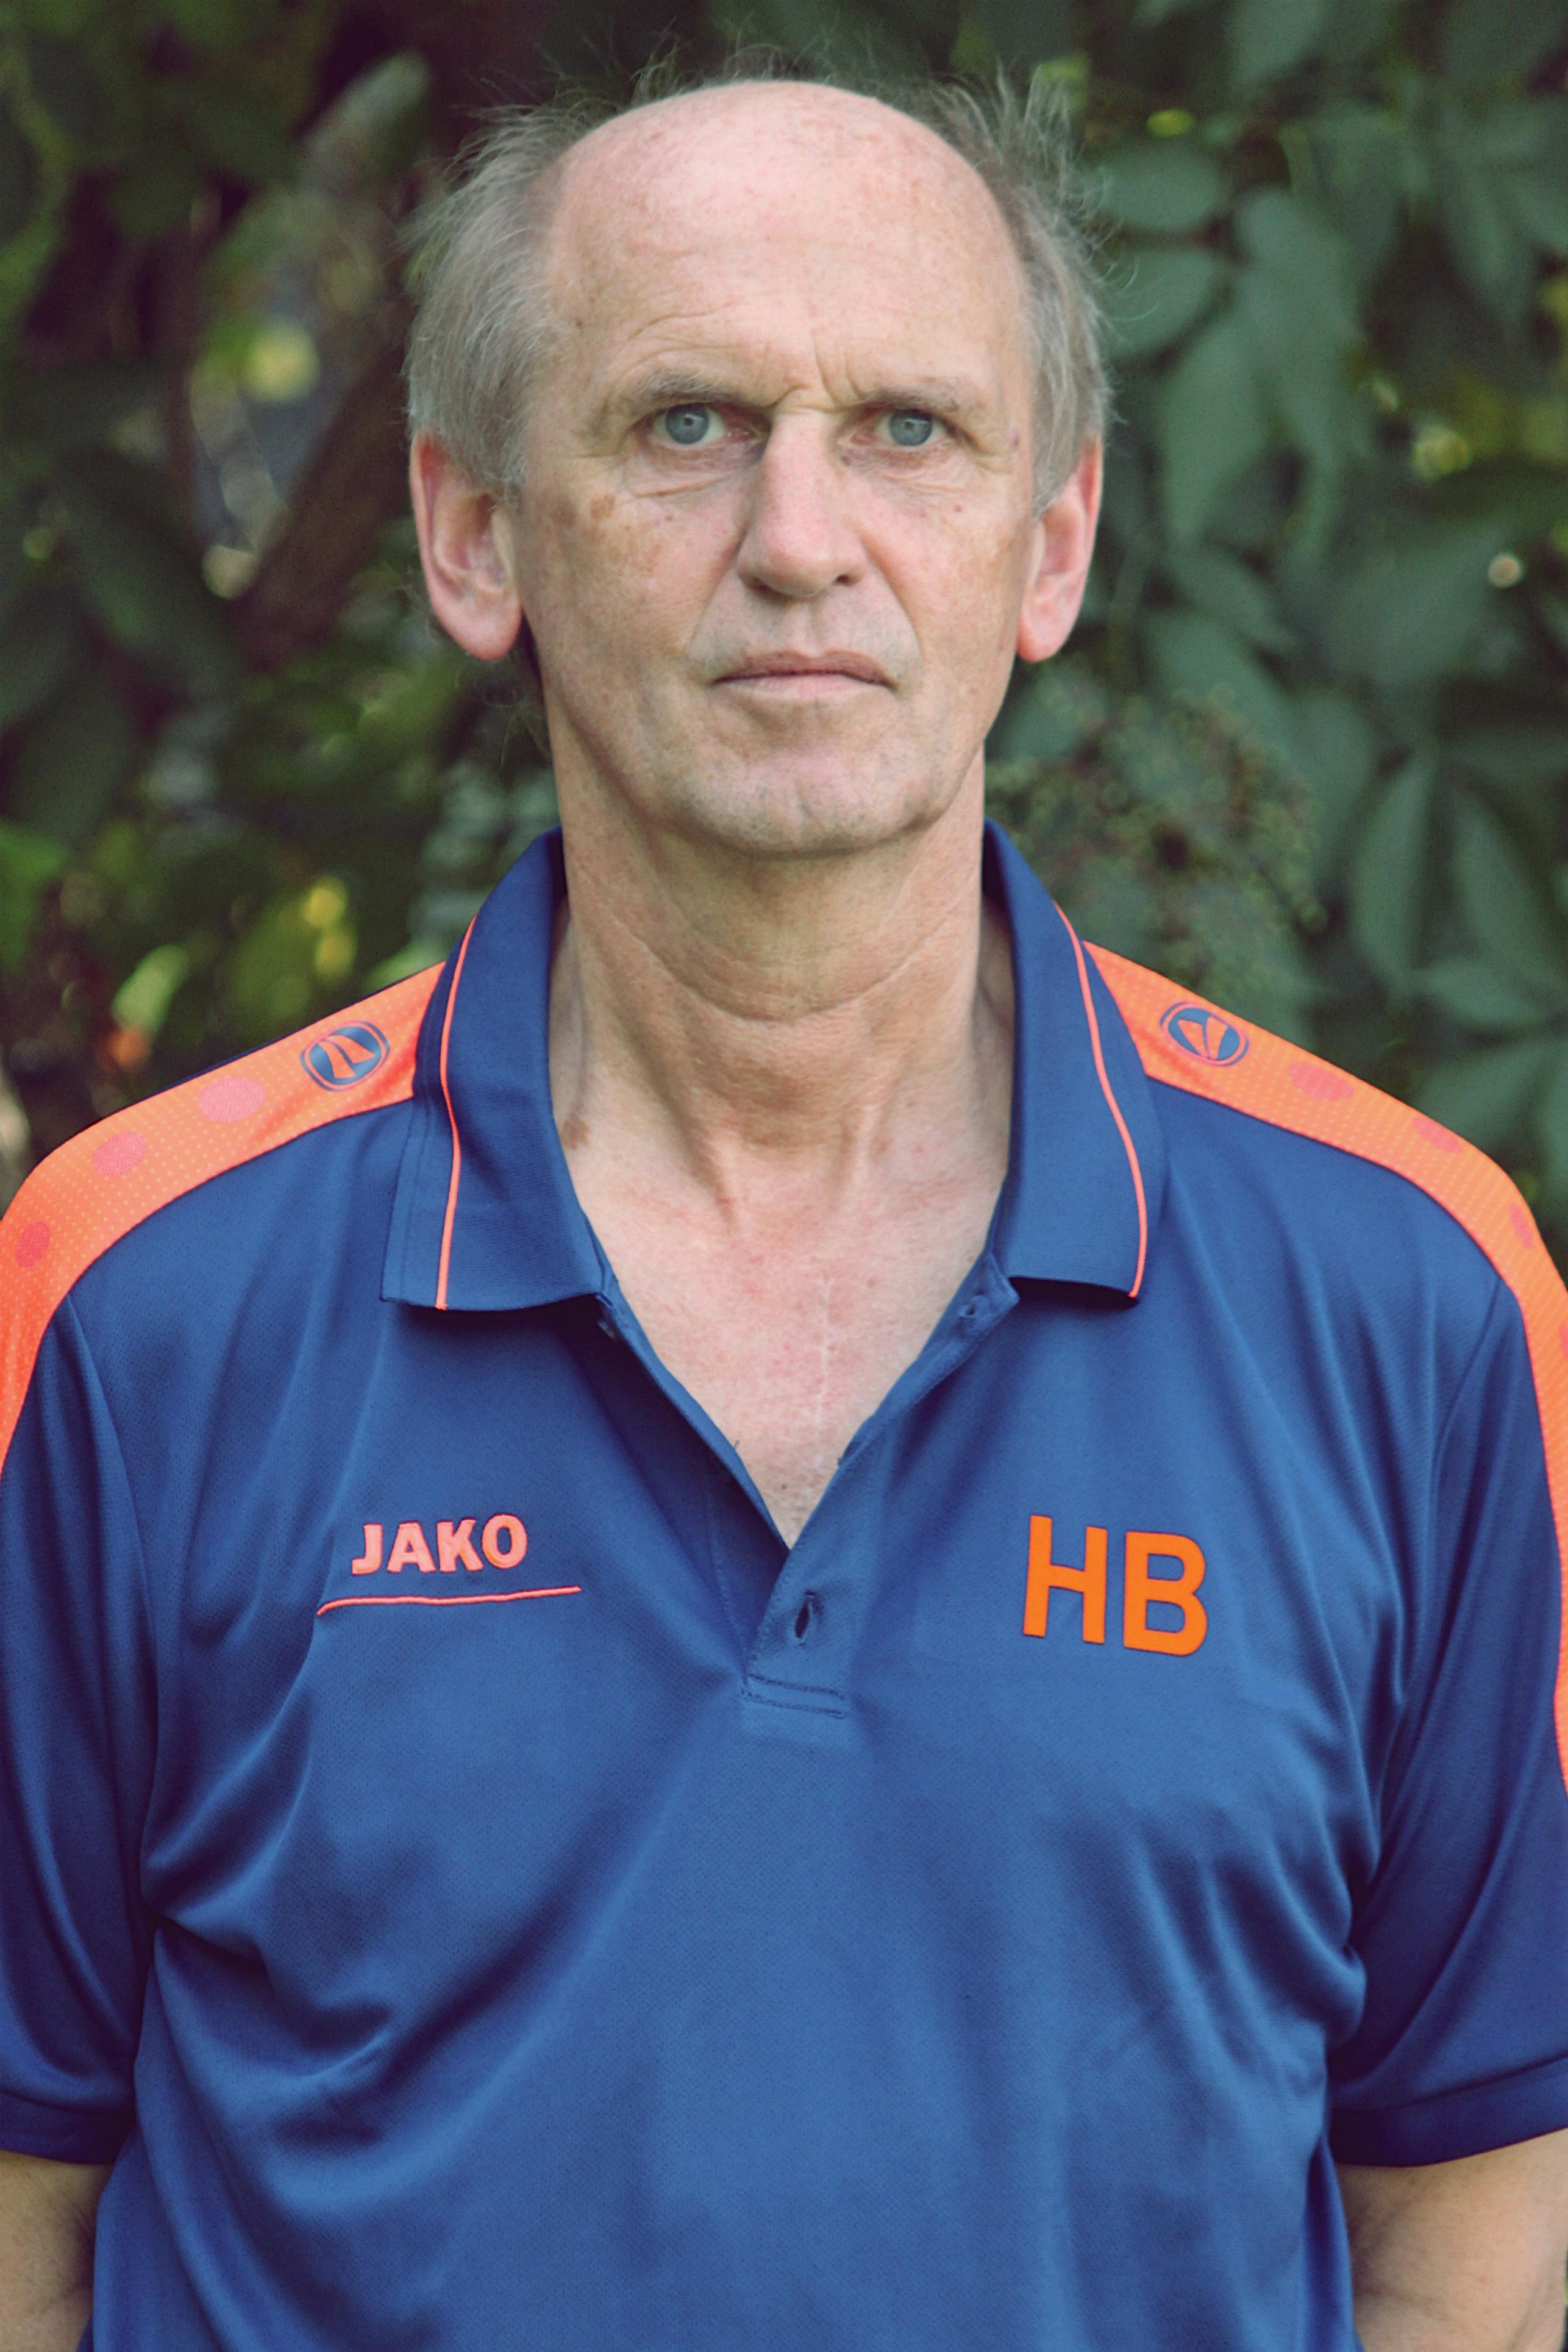 Heiner Bauer